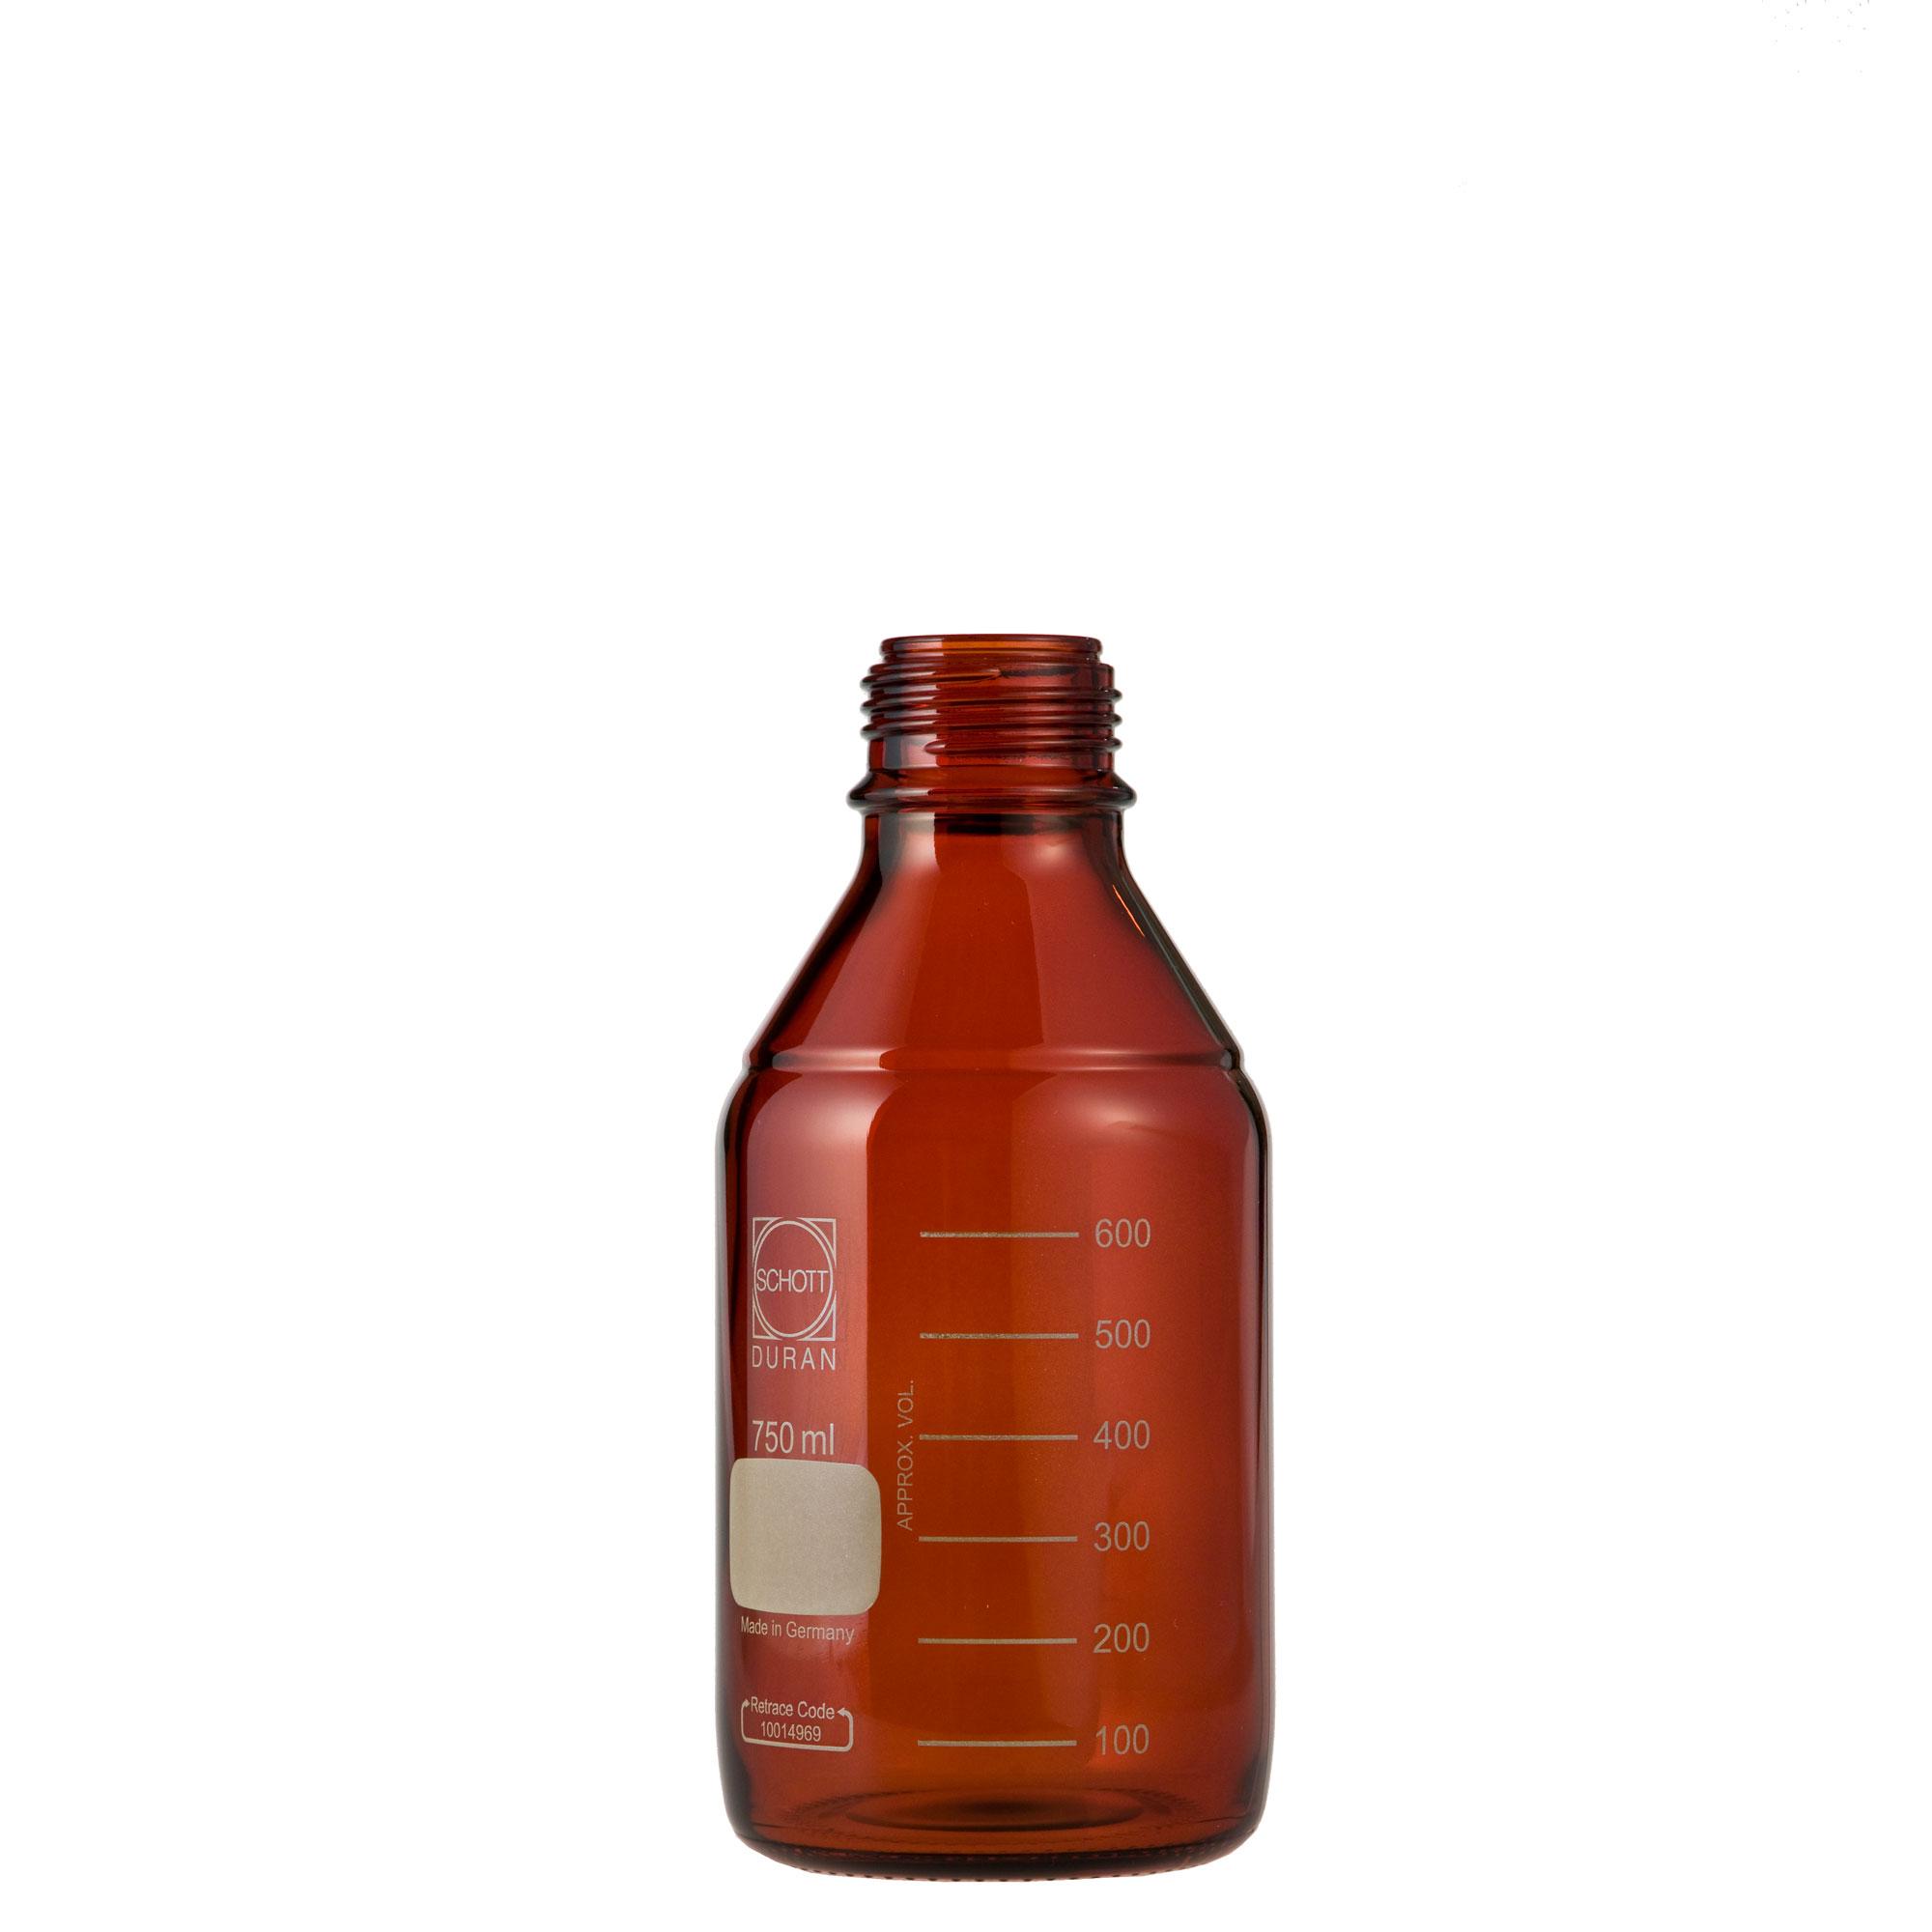 DURAN ねじ口びん(メジュームびん) 茶褐色 びんのみ 750mL GL-45(10個)